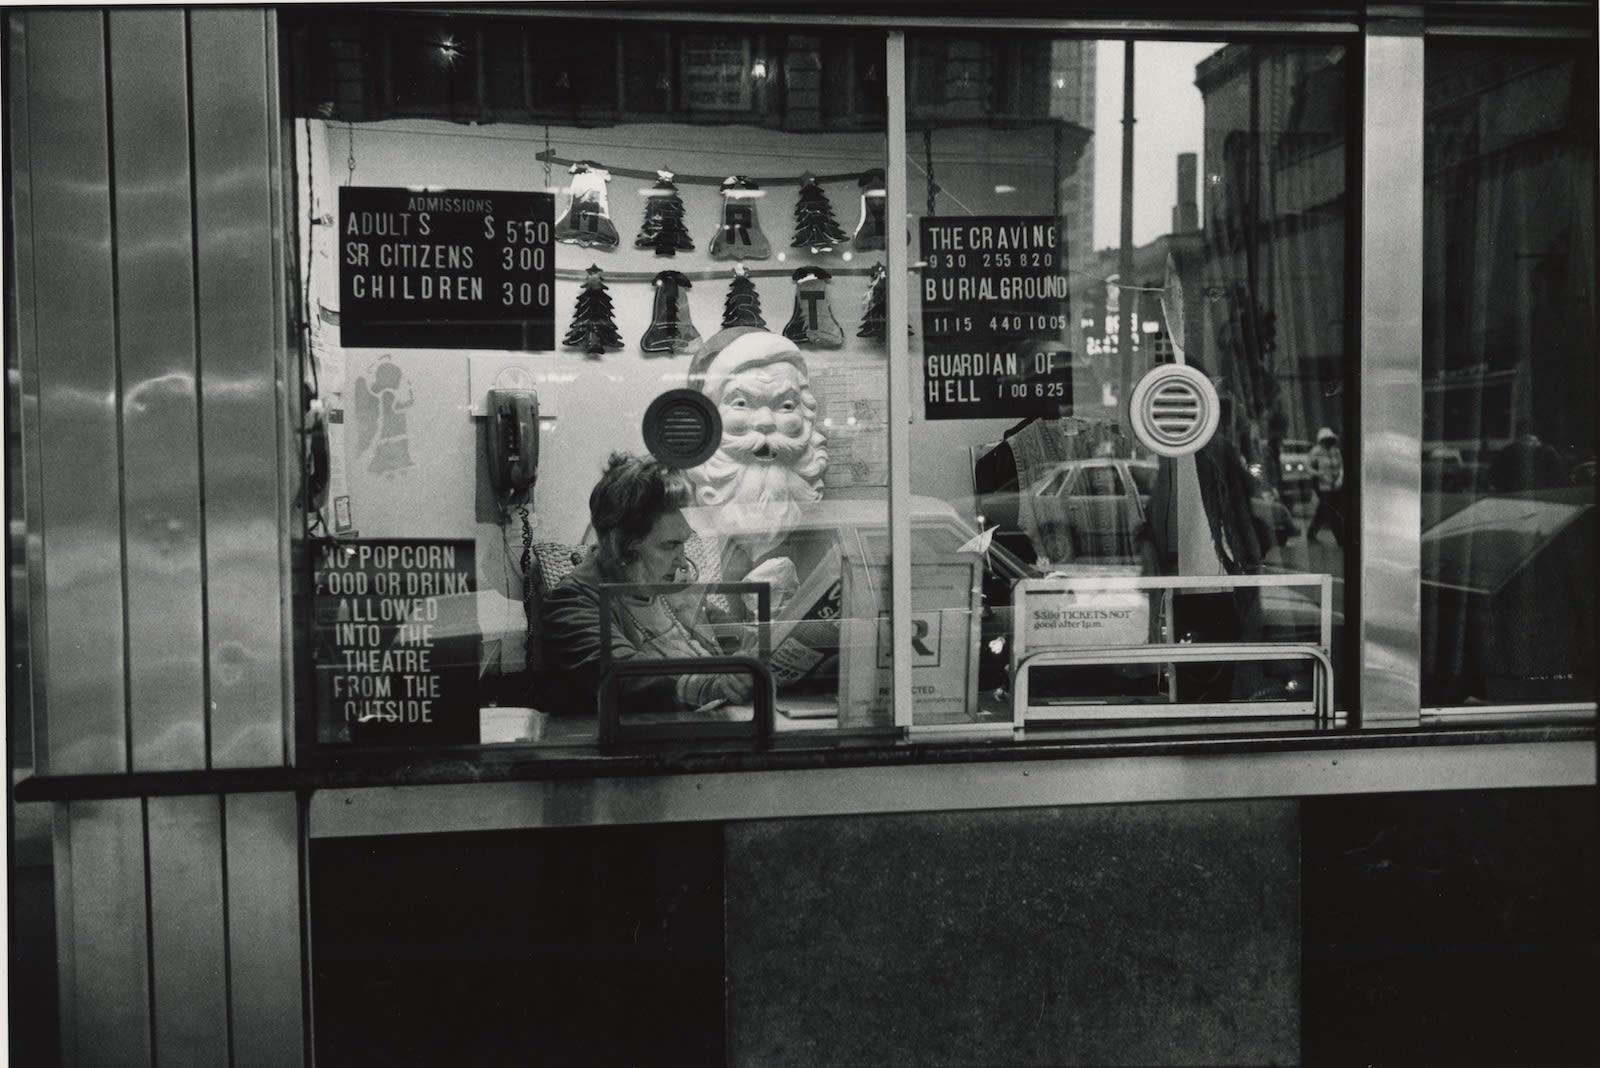 Tom Arndt, Ticket taker, Movie theater, Chicago, 1986